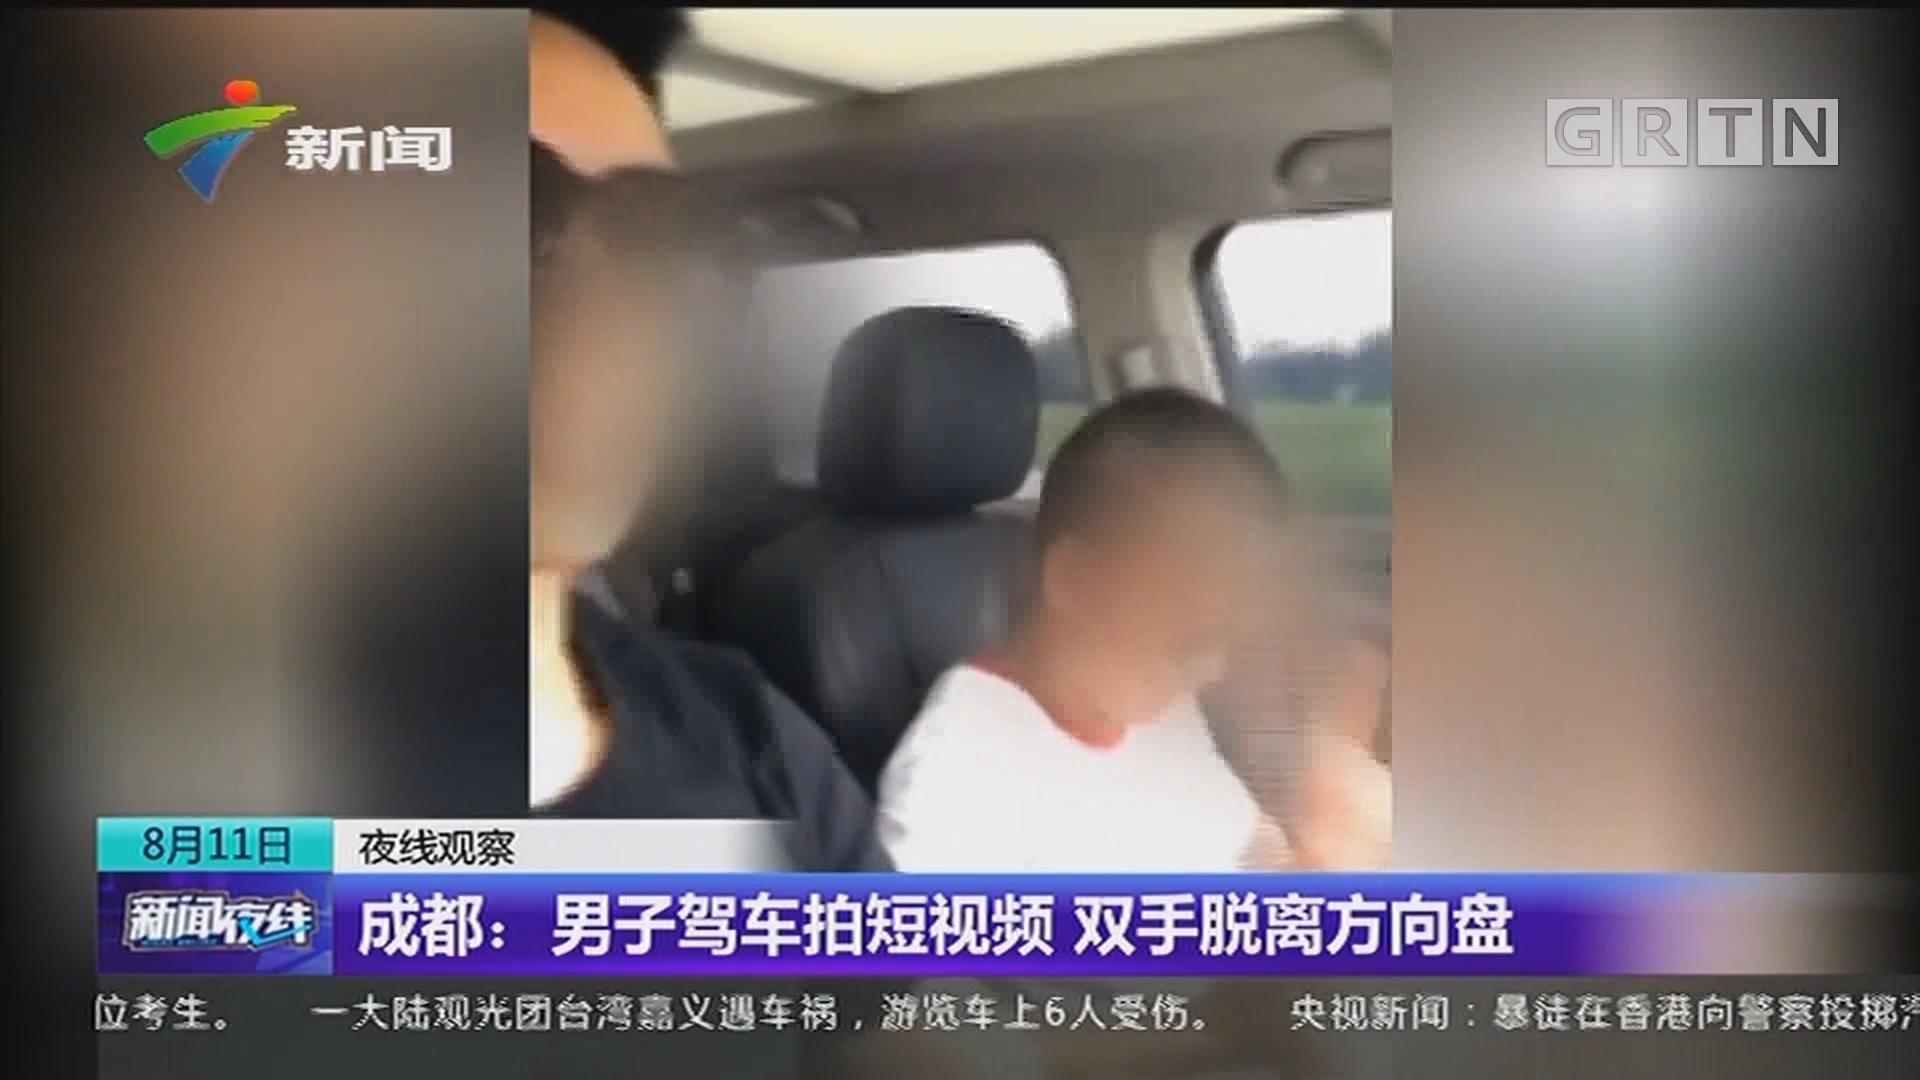 成都:男子驾车拍短视频 双手脱离方向盘